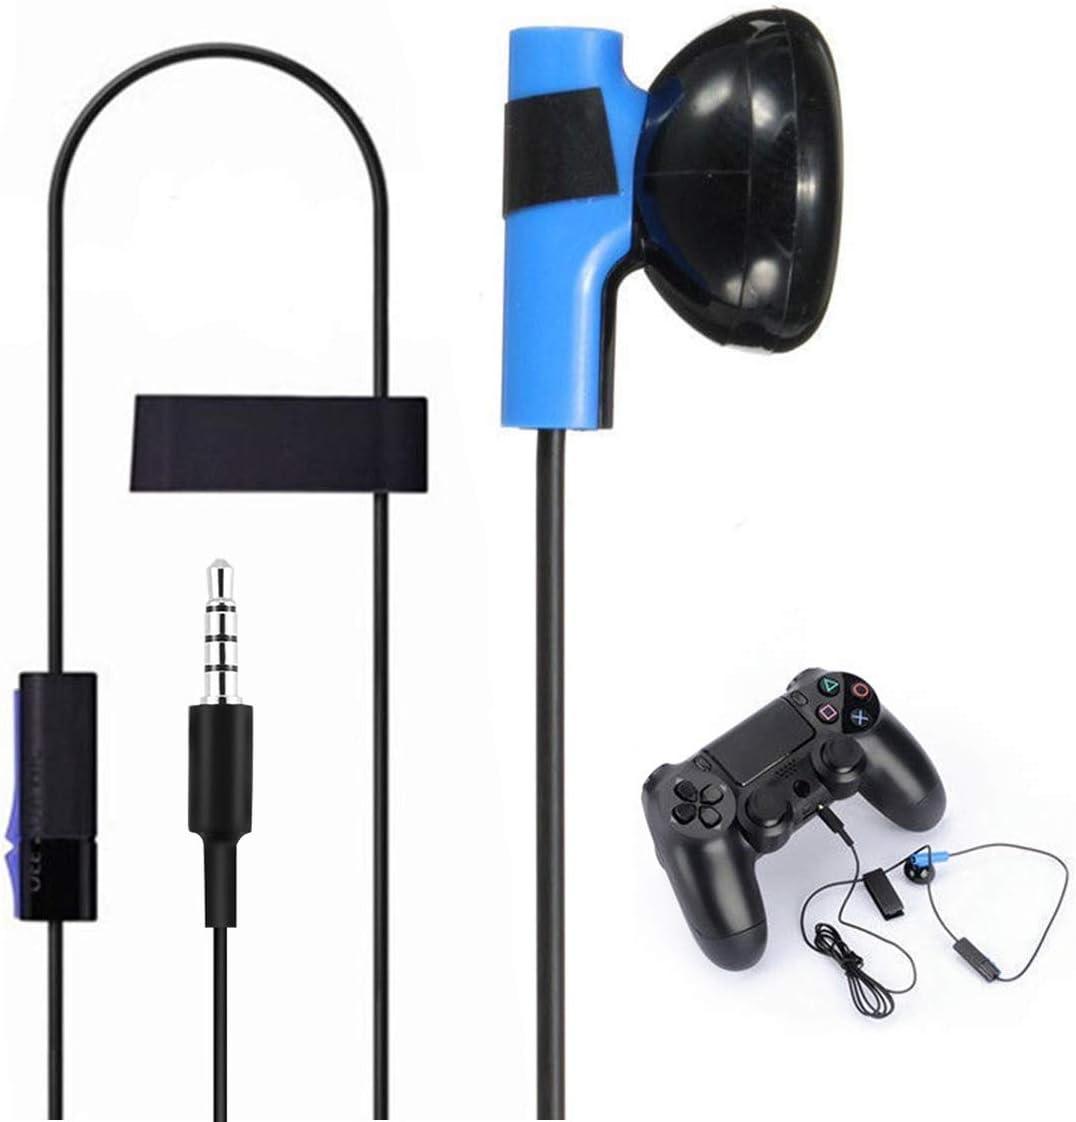 Nosii Gaming Headset Auricular Auricular con micrófono para Sony Playstation 4 PS4 Controller: Amazon.es: Hogar